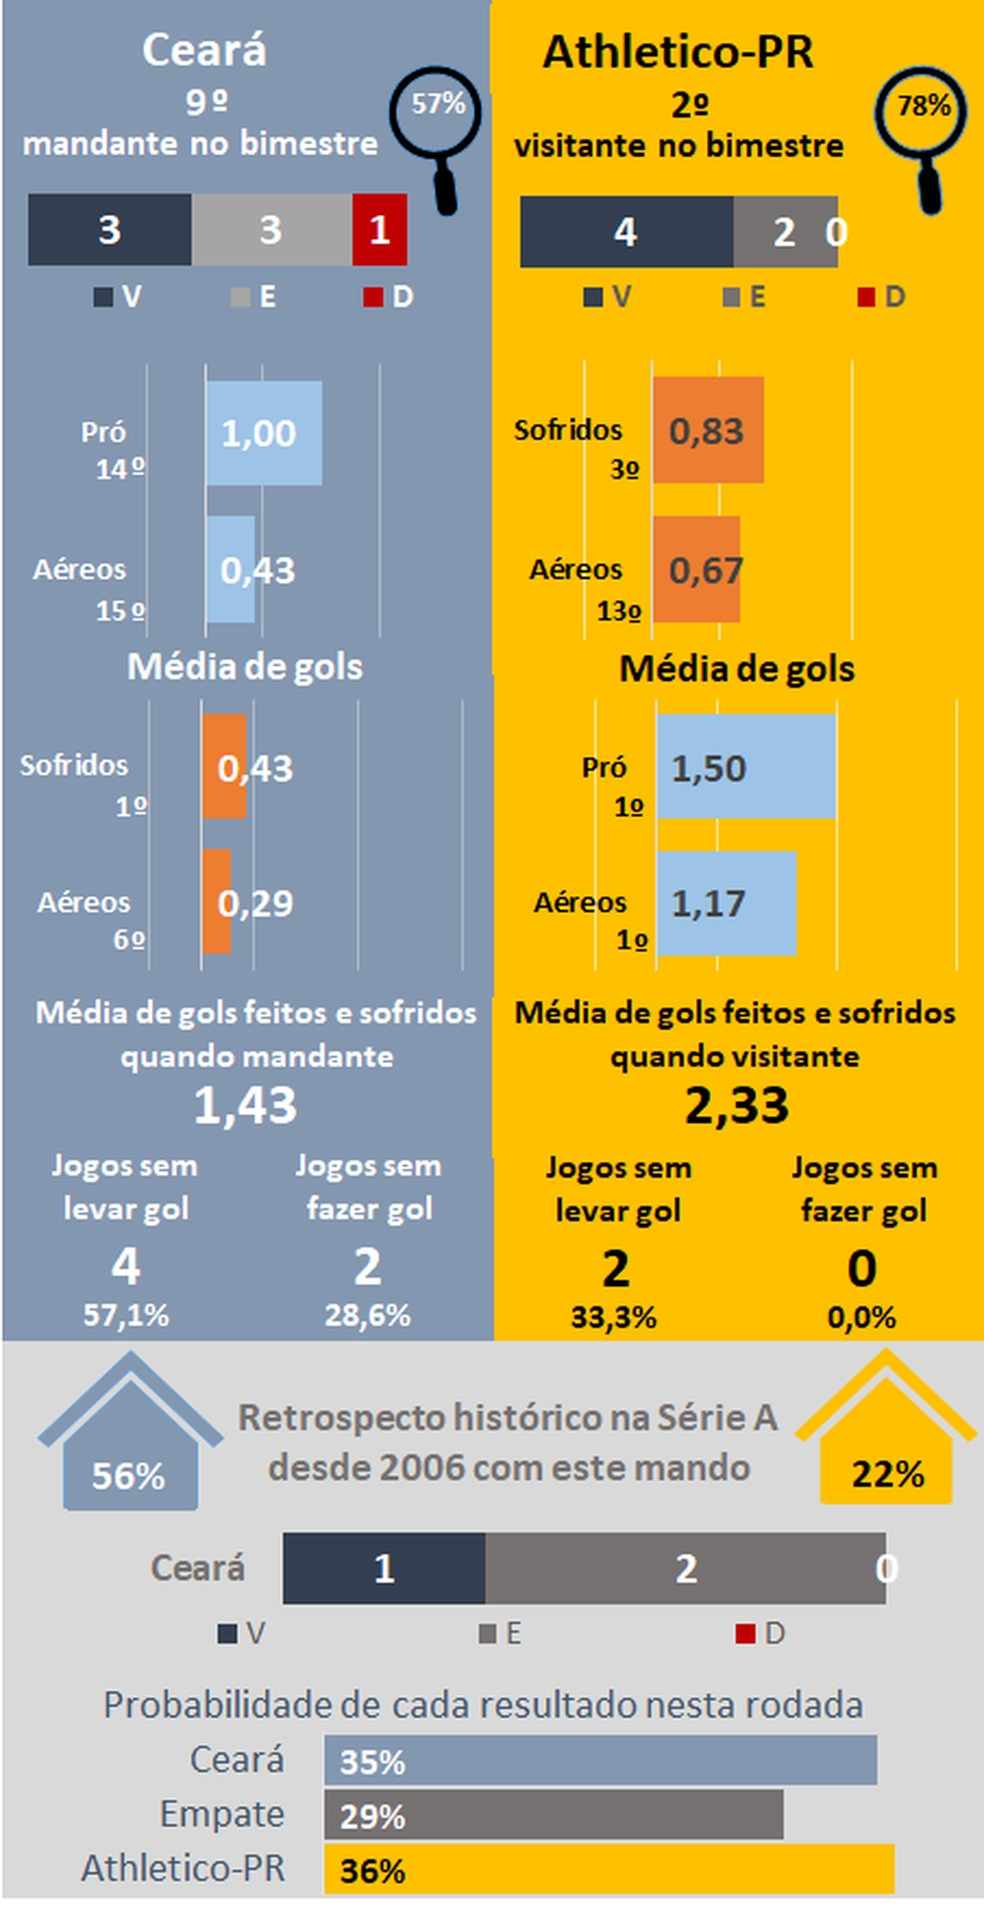 Favoritismos #36 — Foto: Espião Estatístico